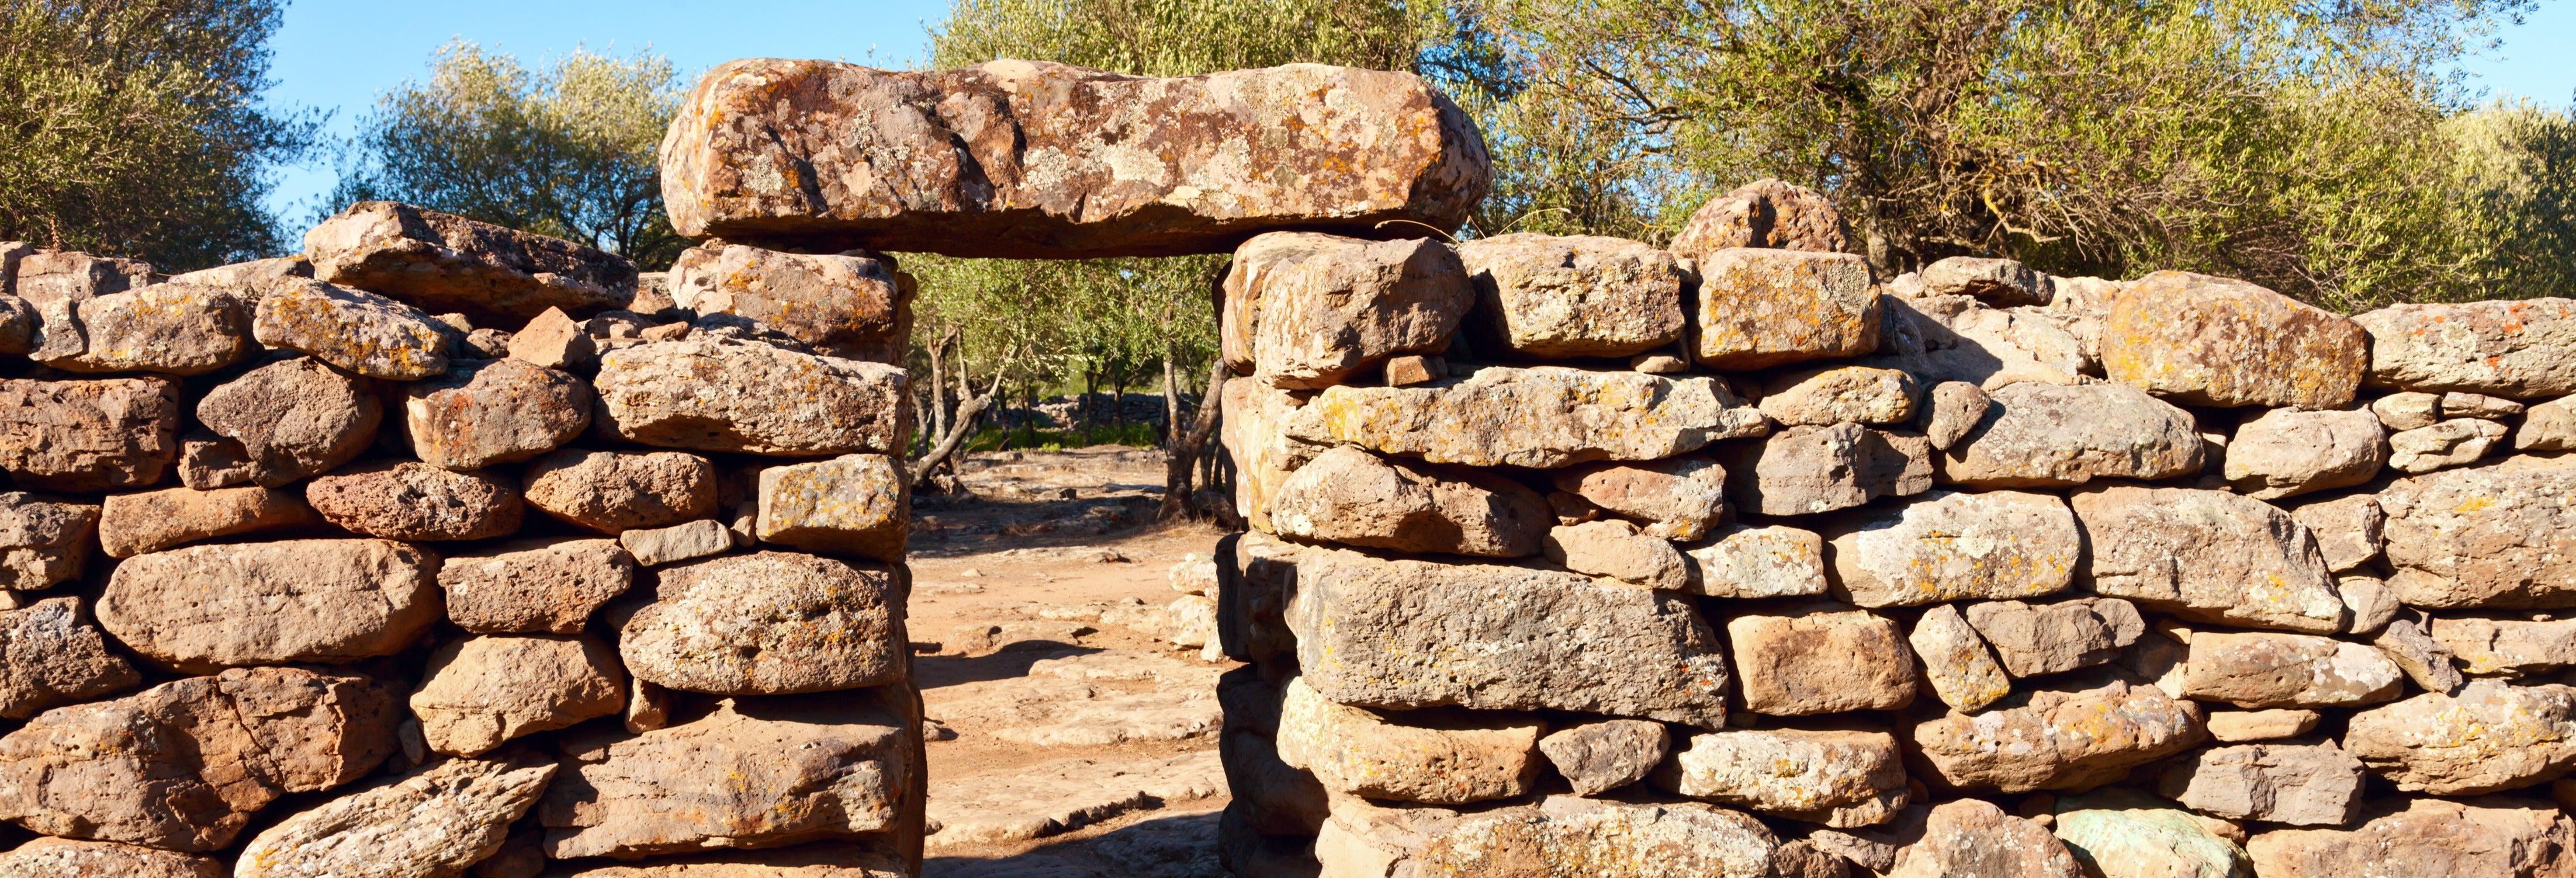 Excursión al yacimiento de Serra Orrios